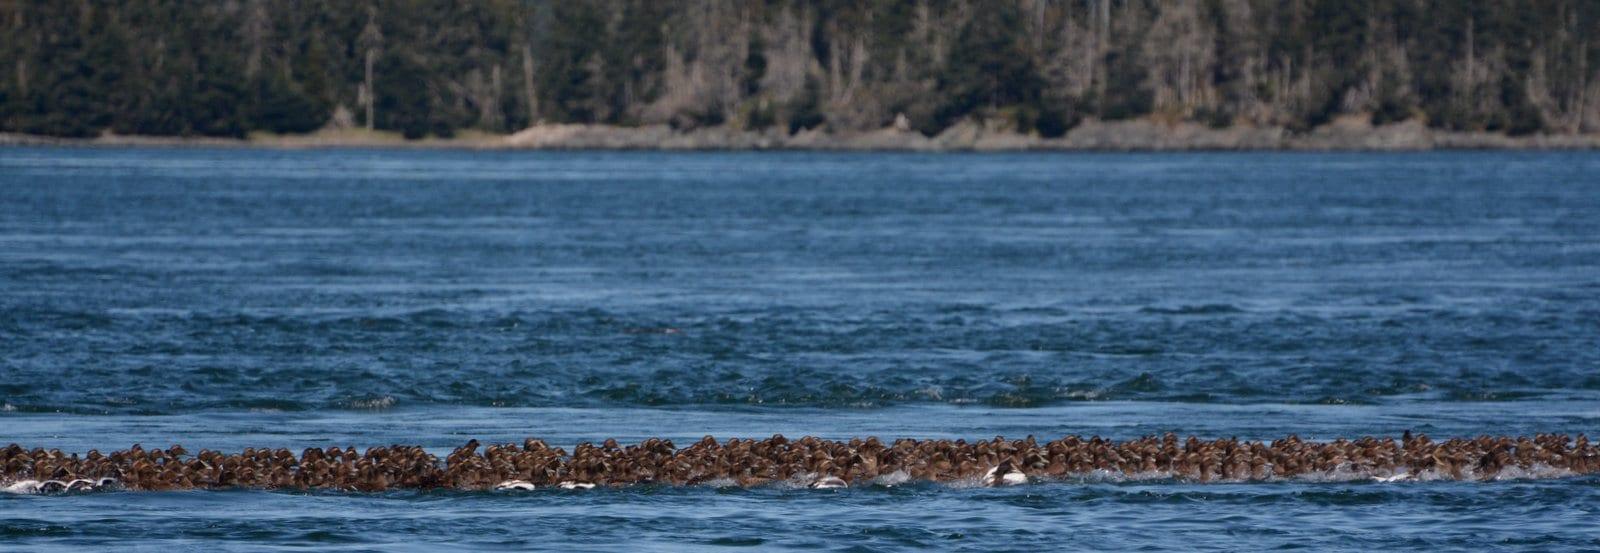 flock of eiders